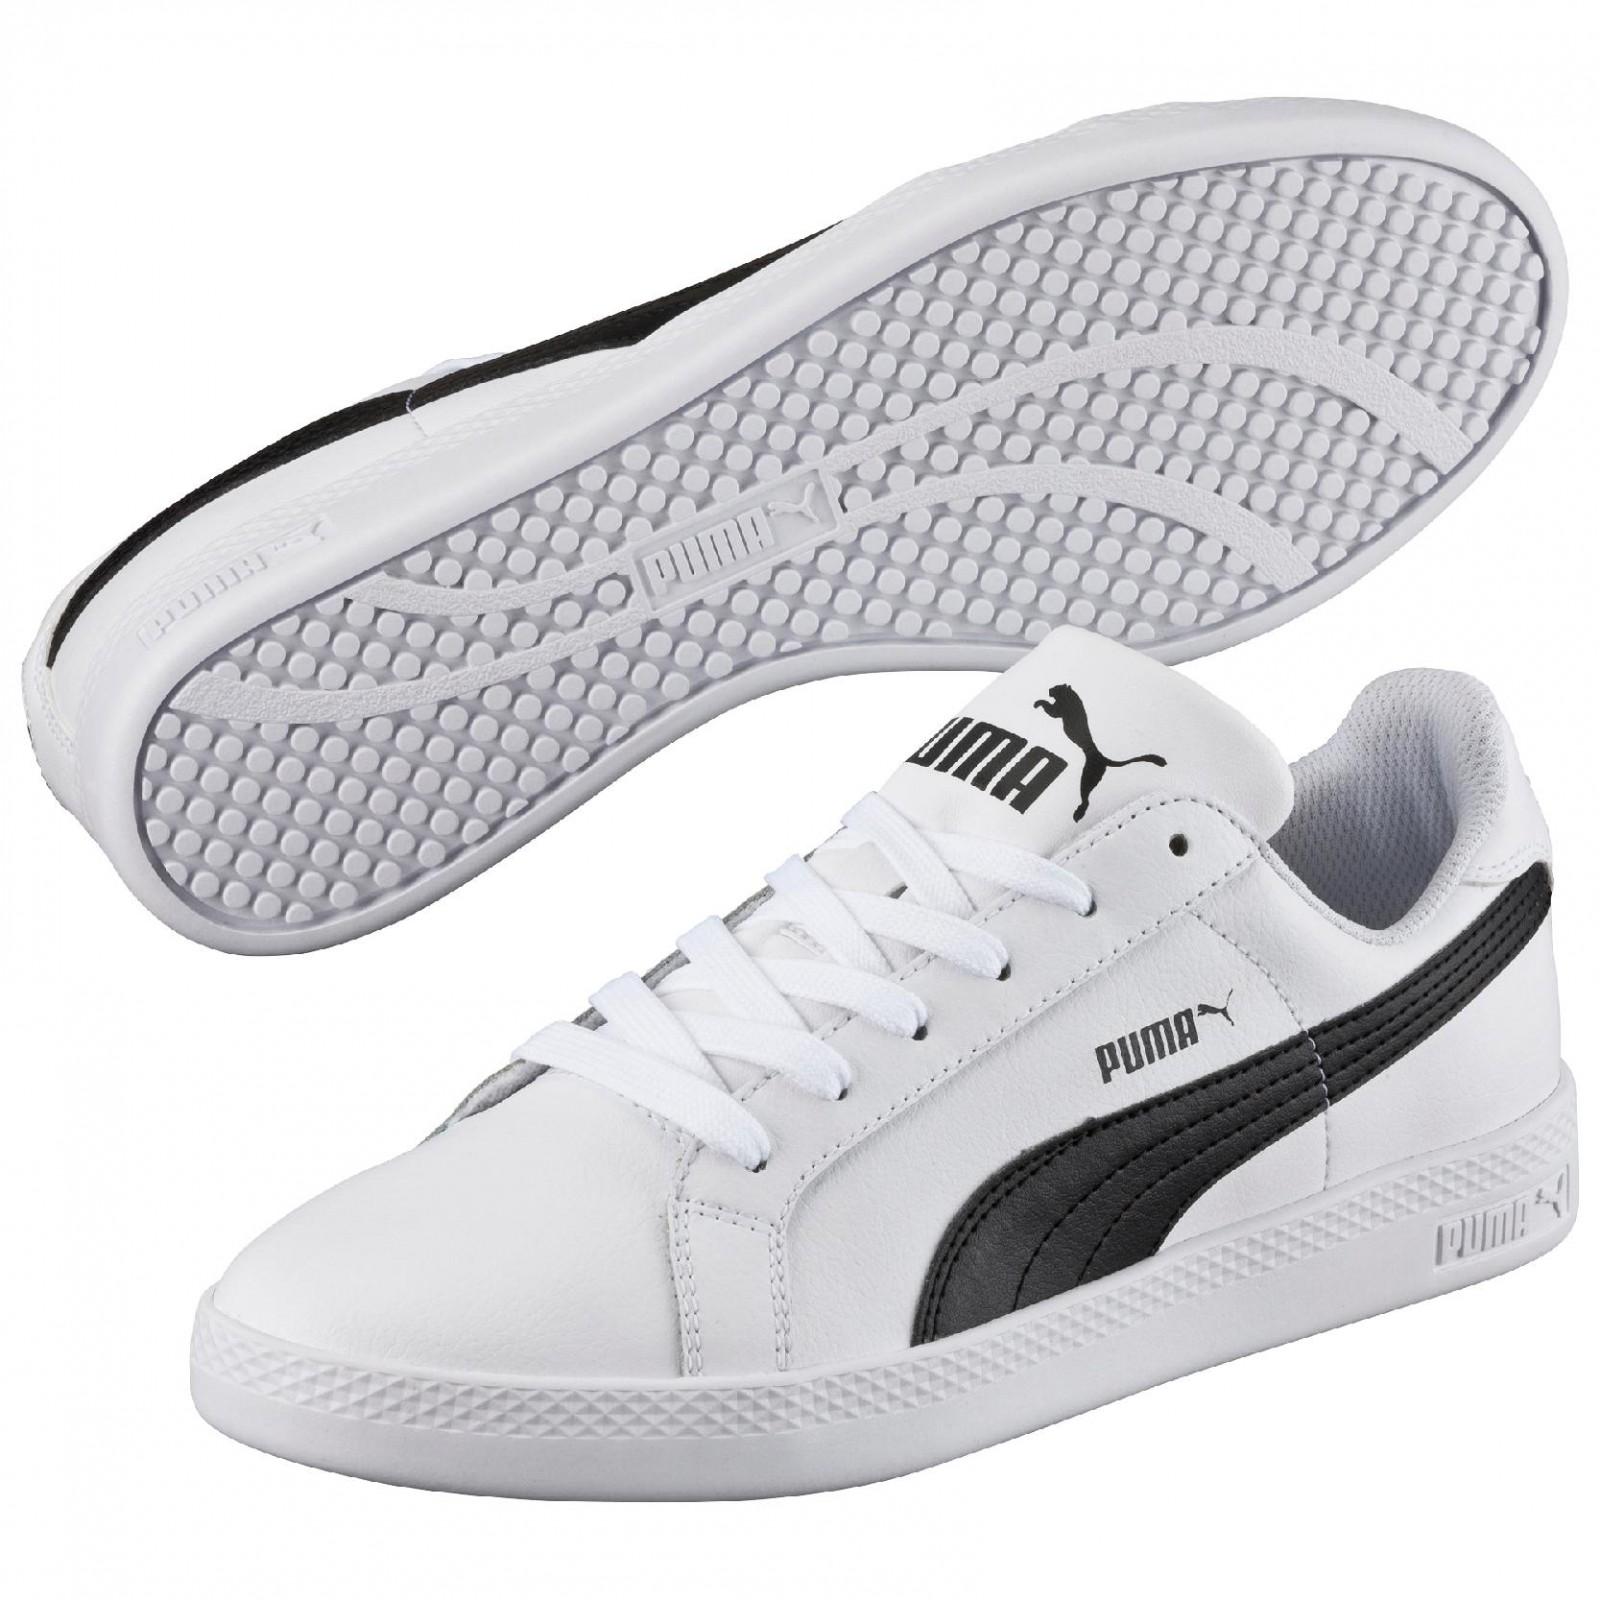 Dámské boty Puma Smash Wns L white-black  49e20afeea